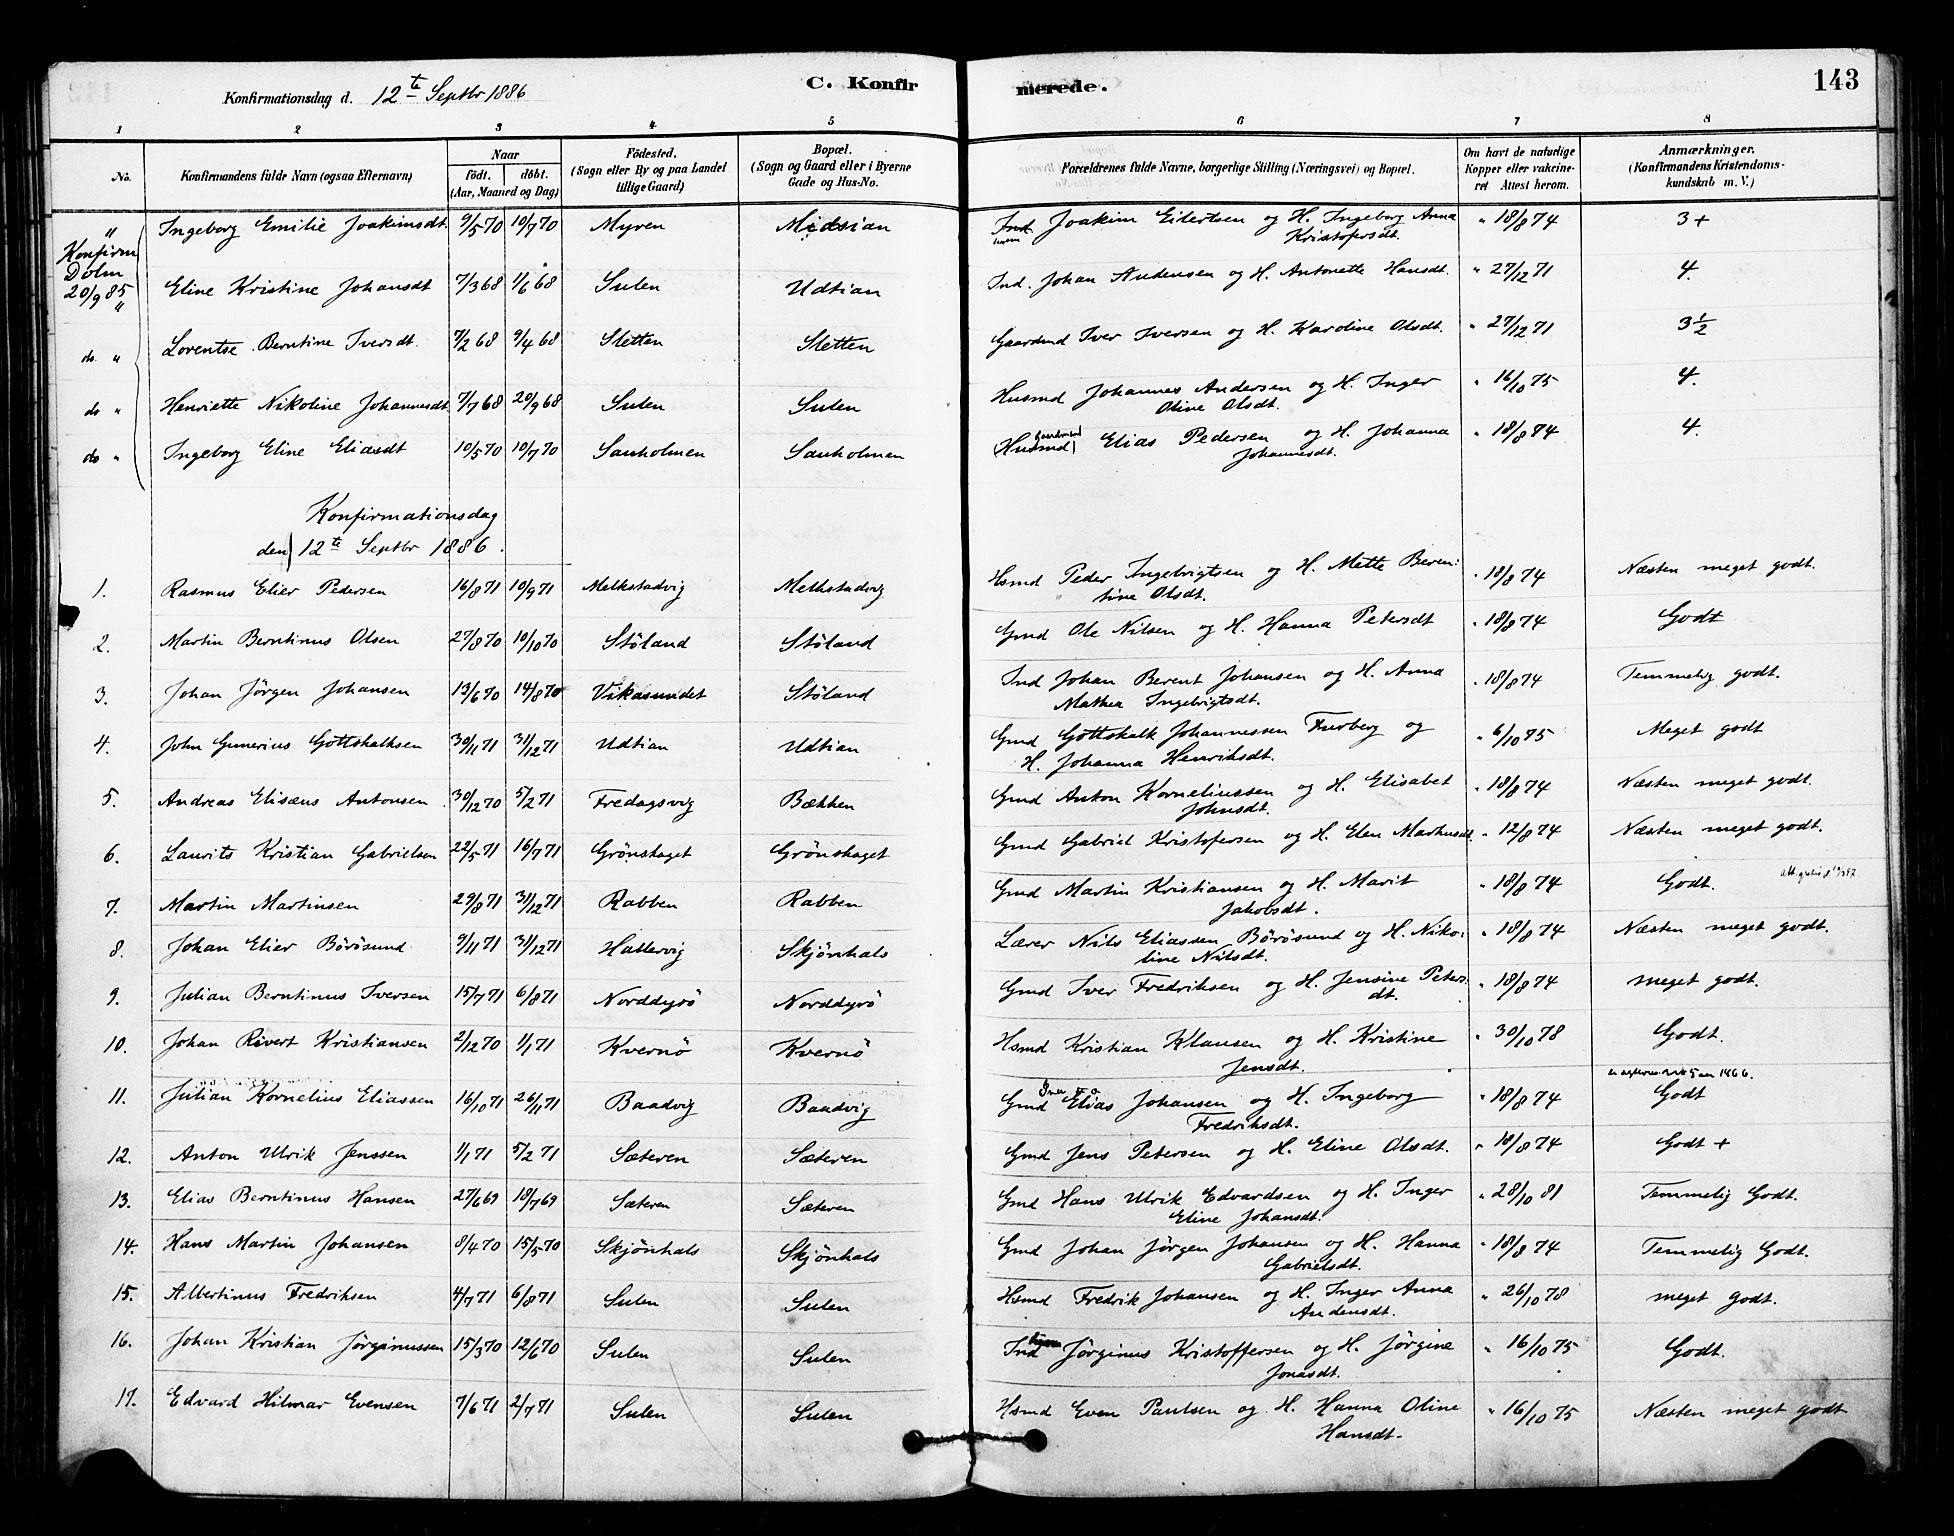 SAT, Ministerialprotokoller, klokkerbøker og fødselsregistre - Sør-Trøndelag, 640/L0578: Ministerialbok nr. 640A03, 1879-1889, s. 143